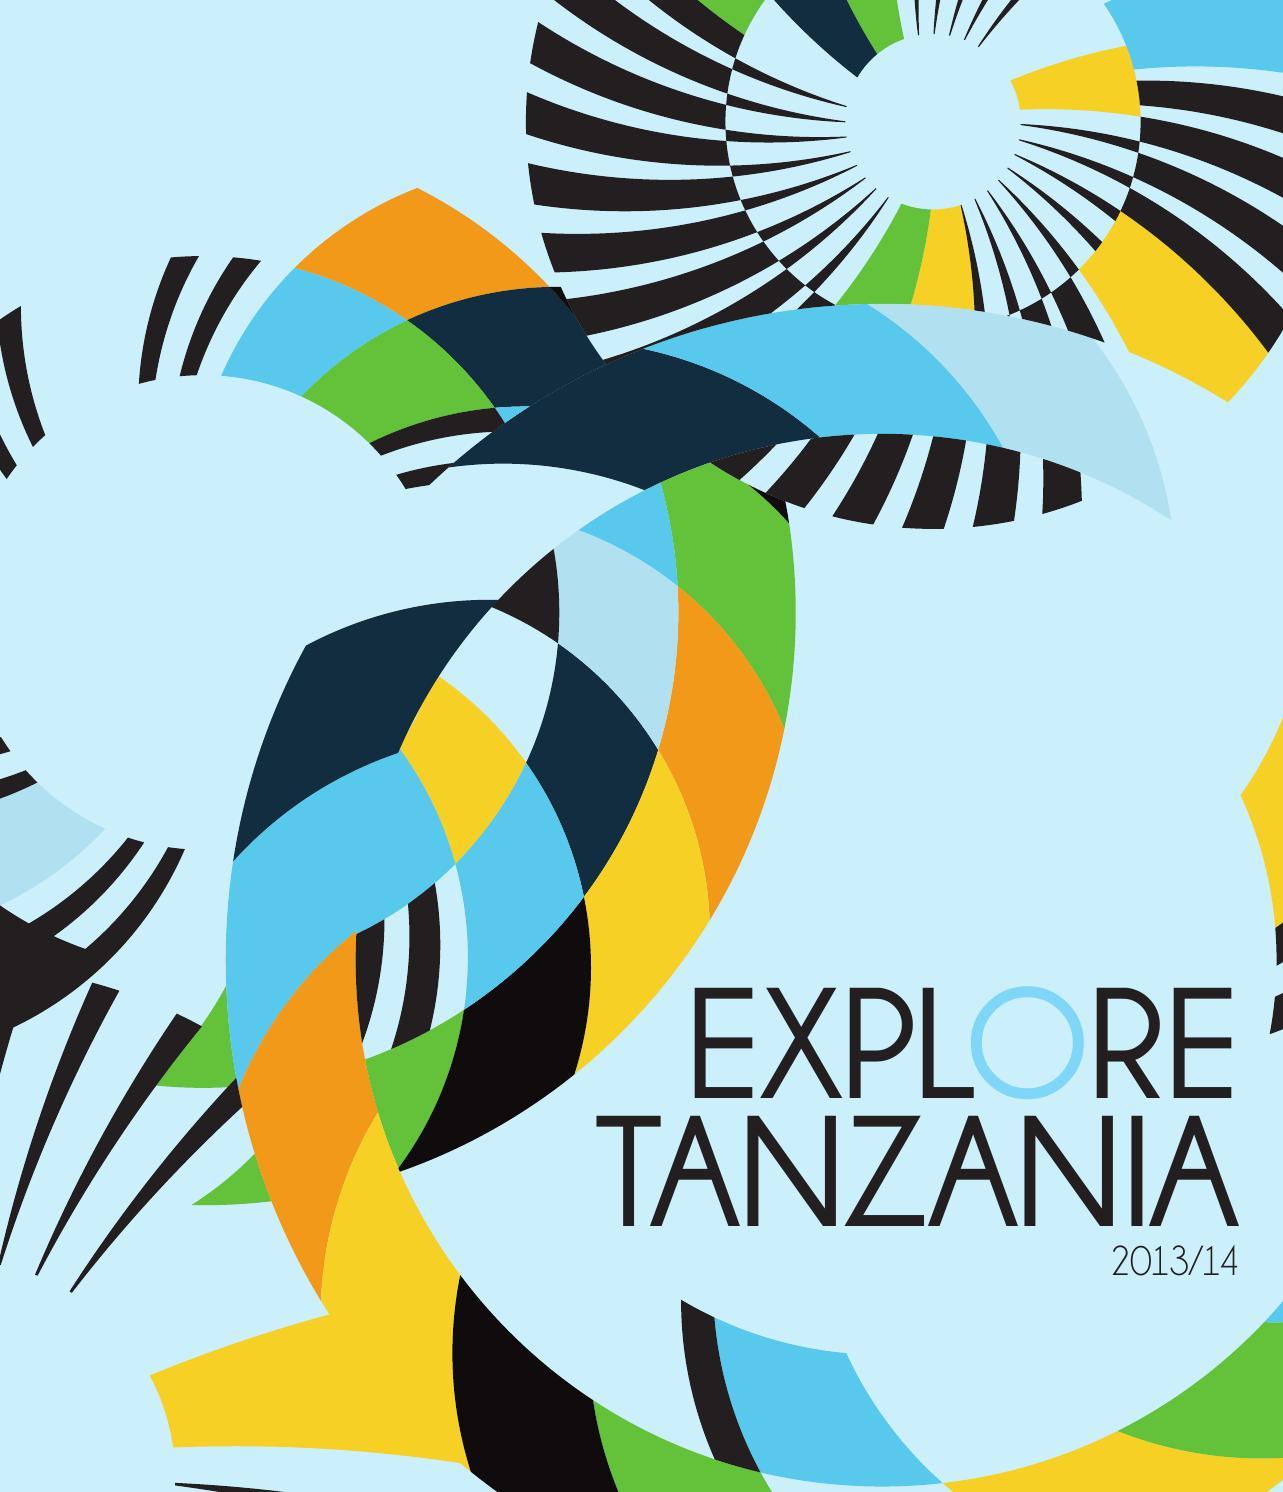 Explore Tanzania 2013.